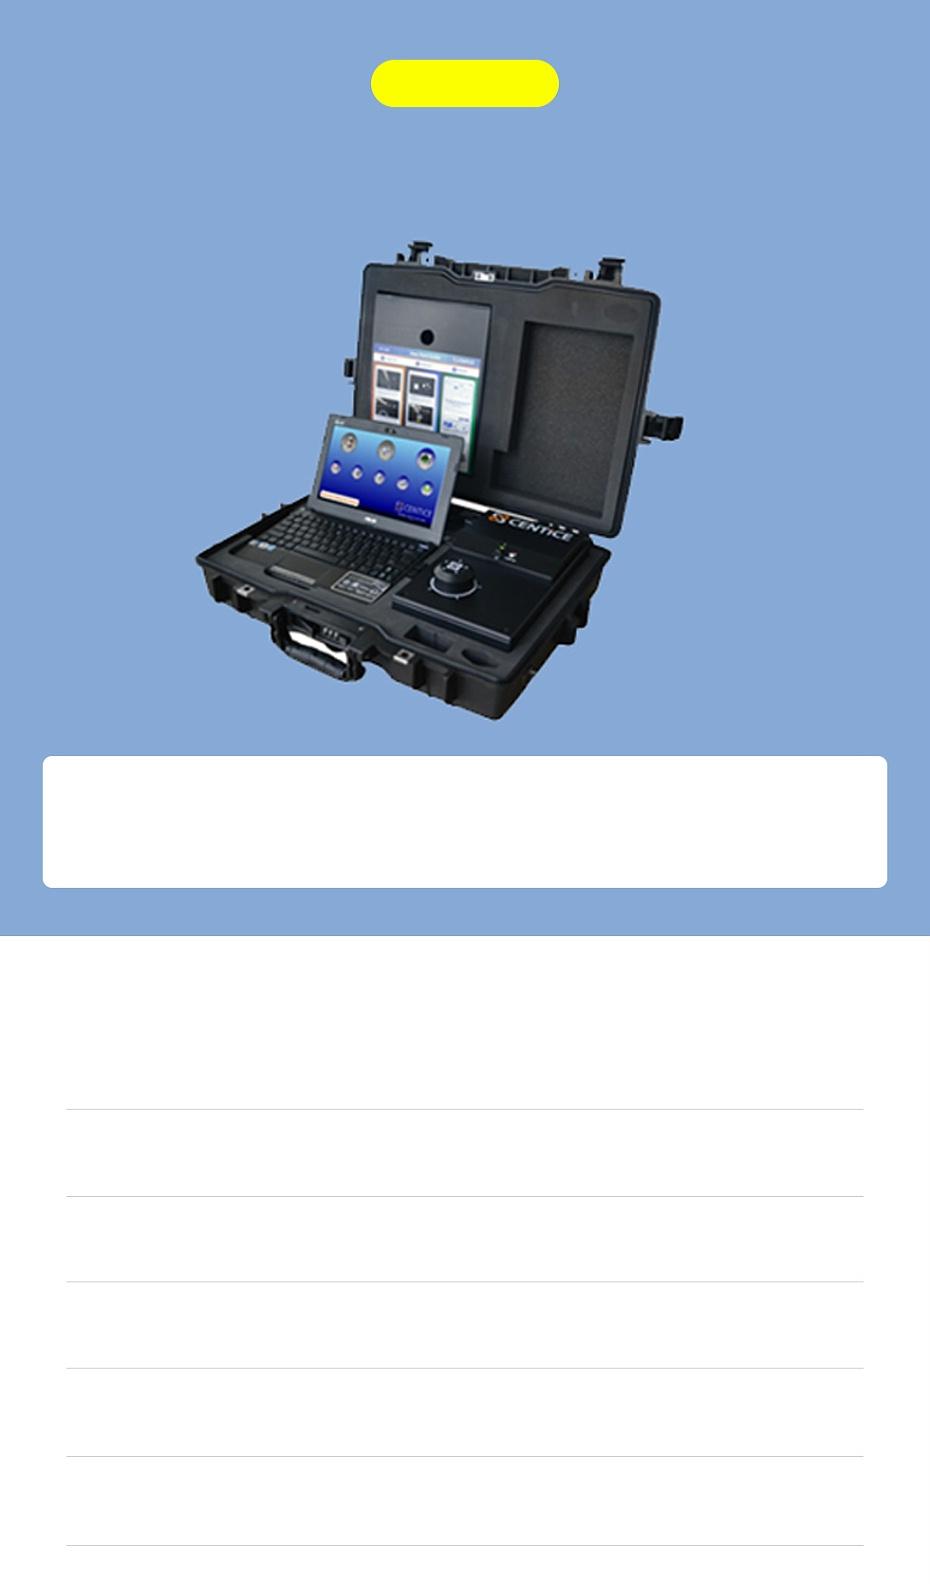 美国MFL3000便携式毒品炸药分析仪